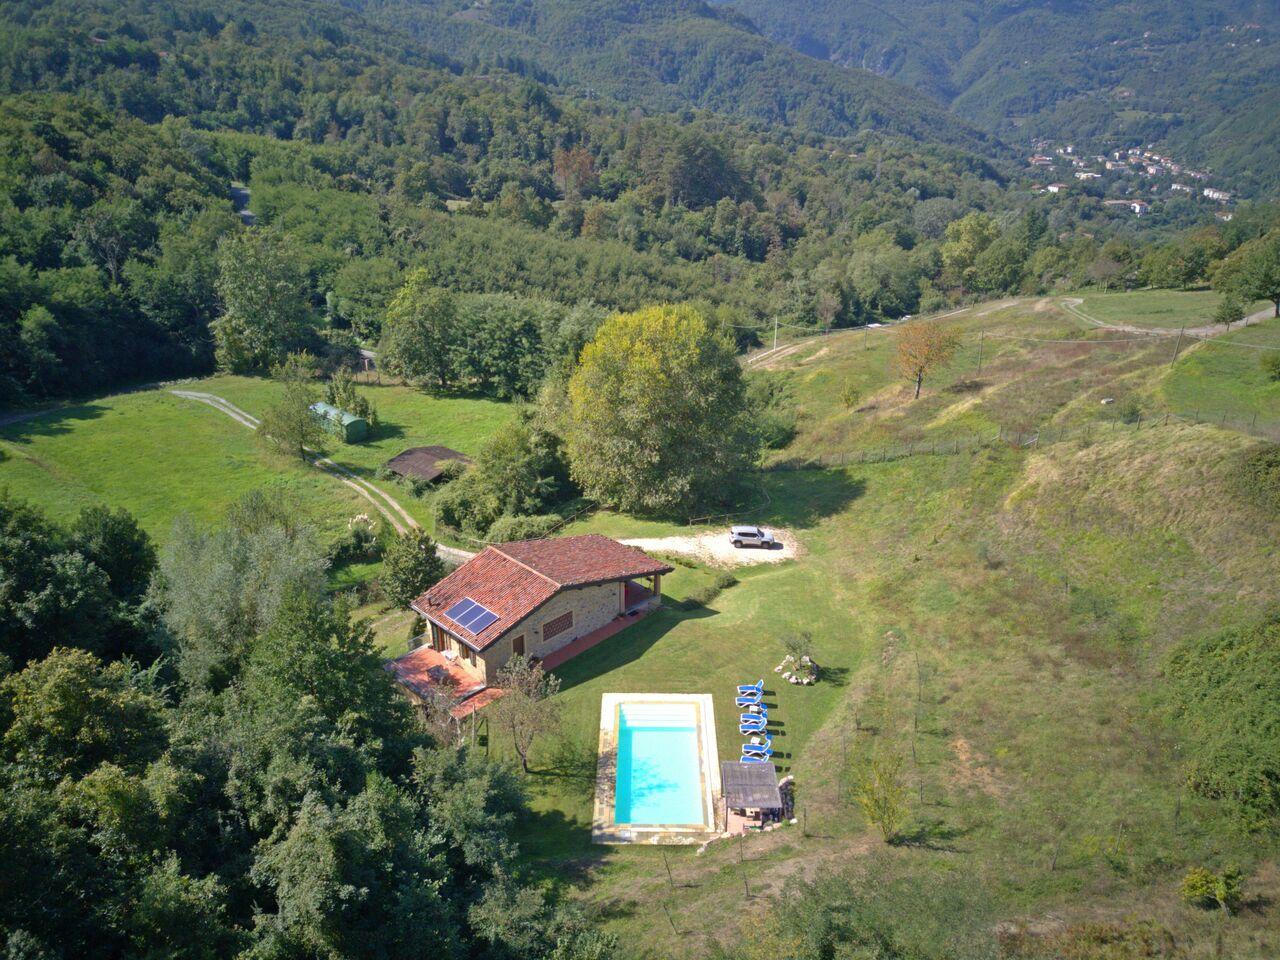 Garfagnana Holiday Home